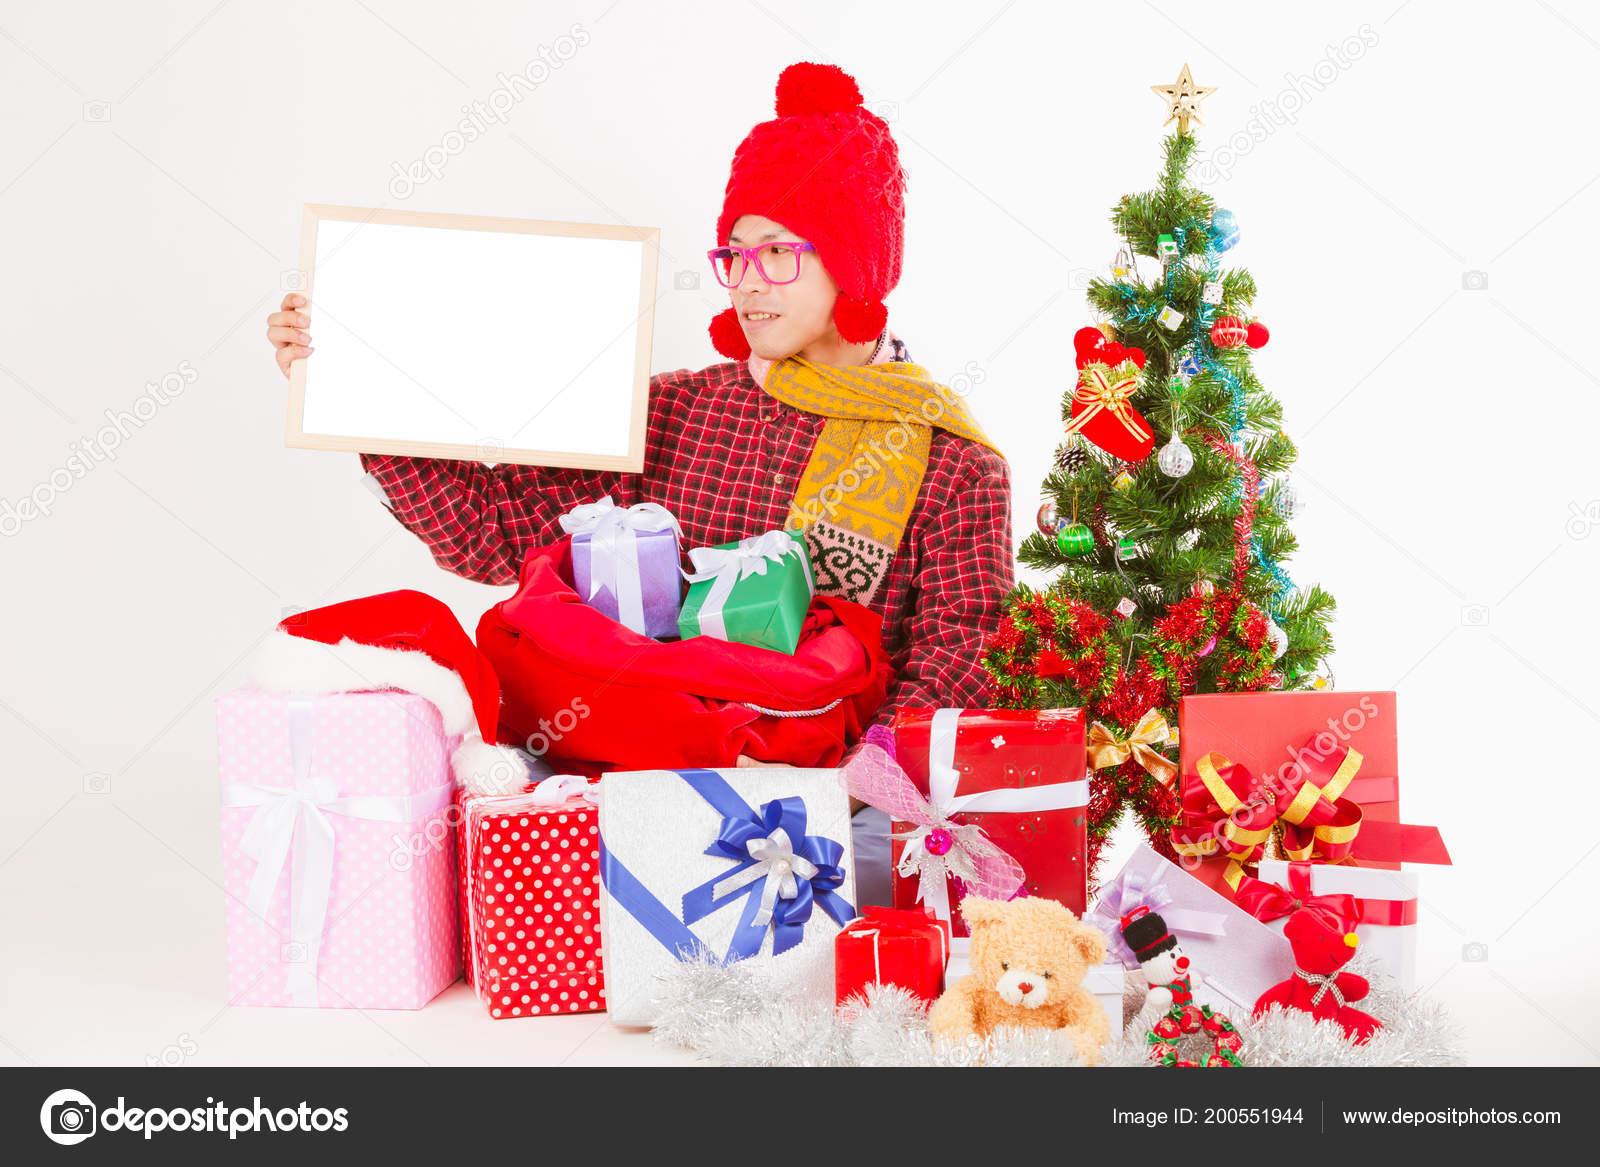 Frohe Weihnachten Männer Bilder.Frohe Weihnachten Männer Weißen Leere Schild Zeigt Isoliert Auf